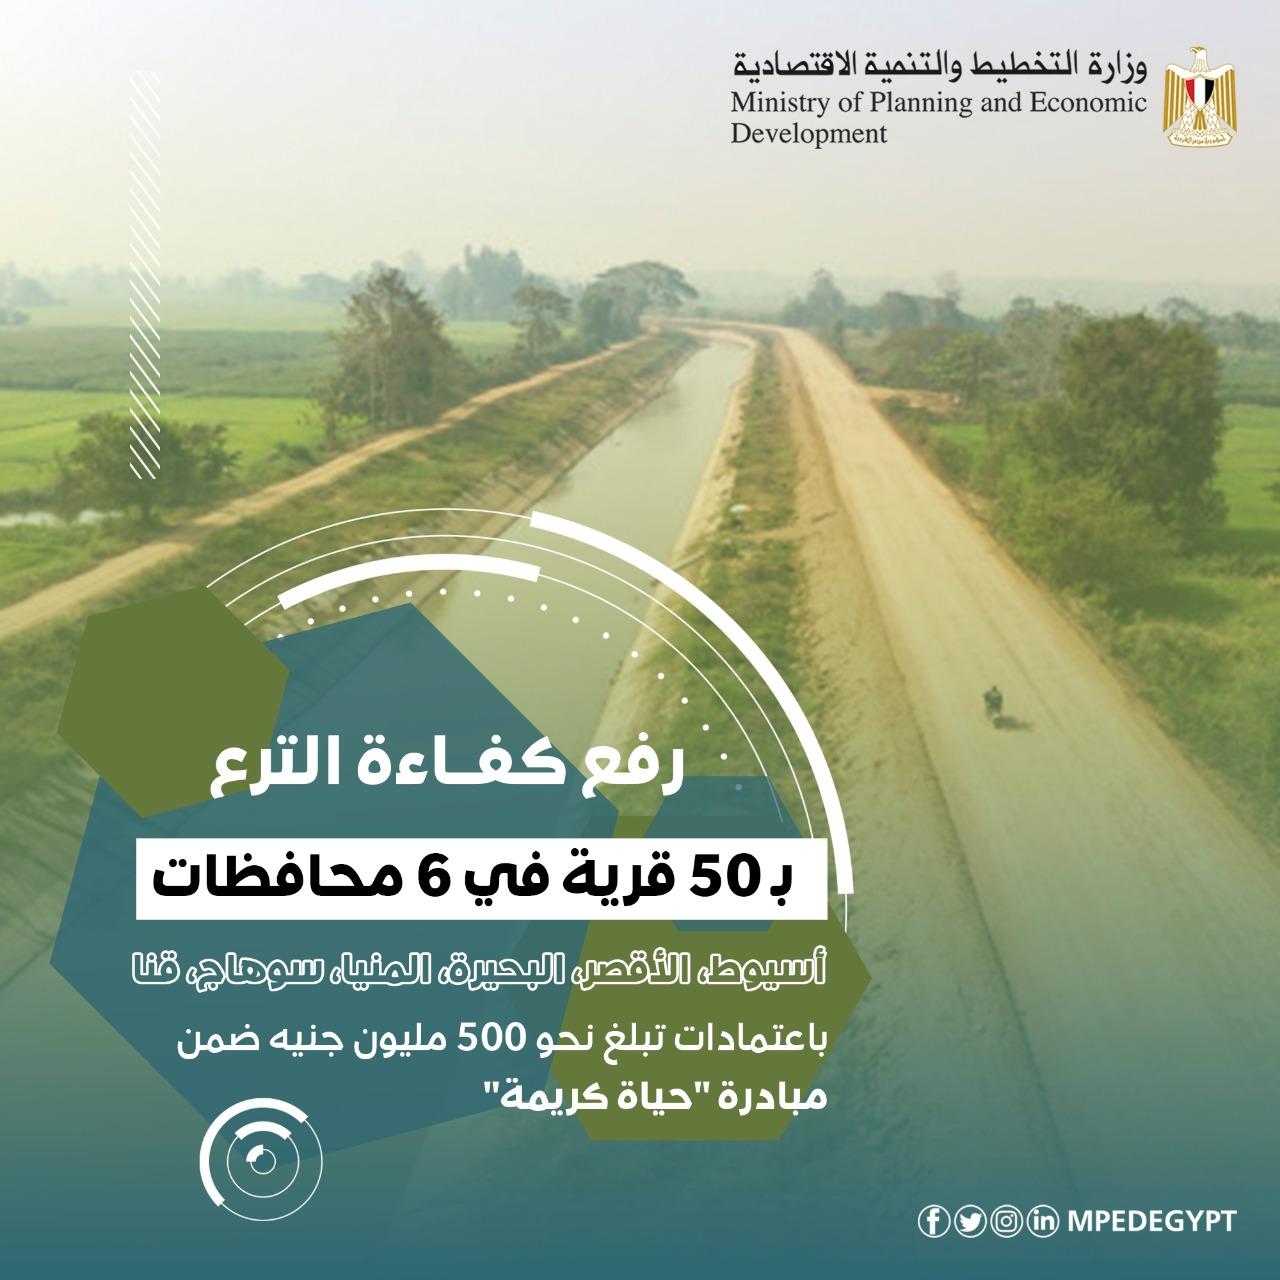 رف كفاءة الترع بـ50 قرية في 6 محافظات